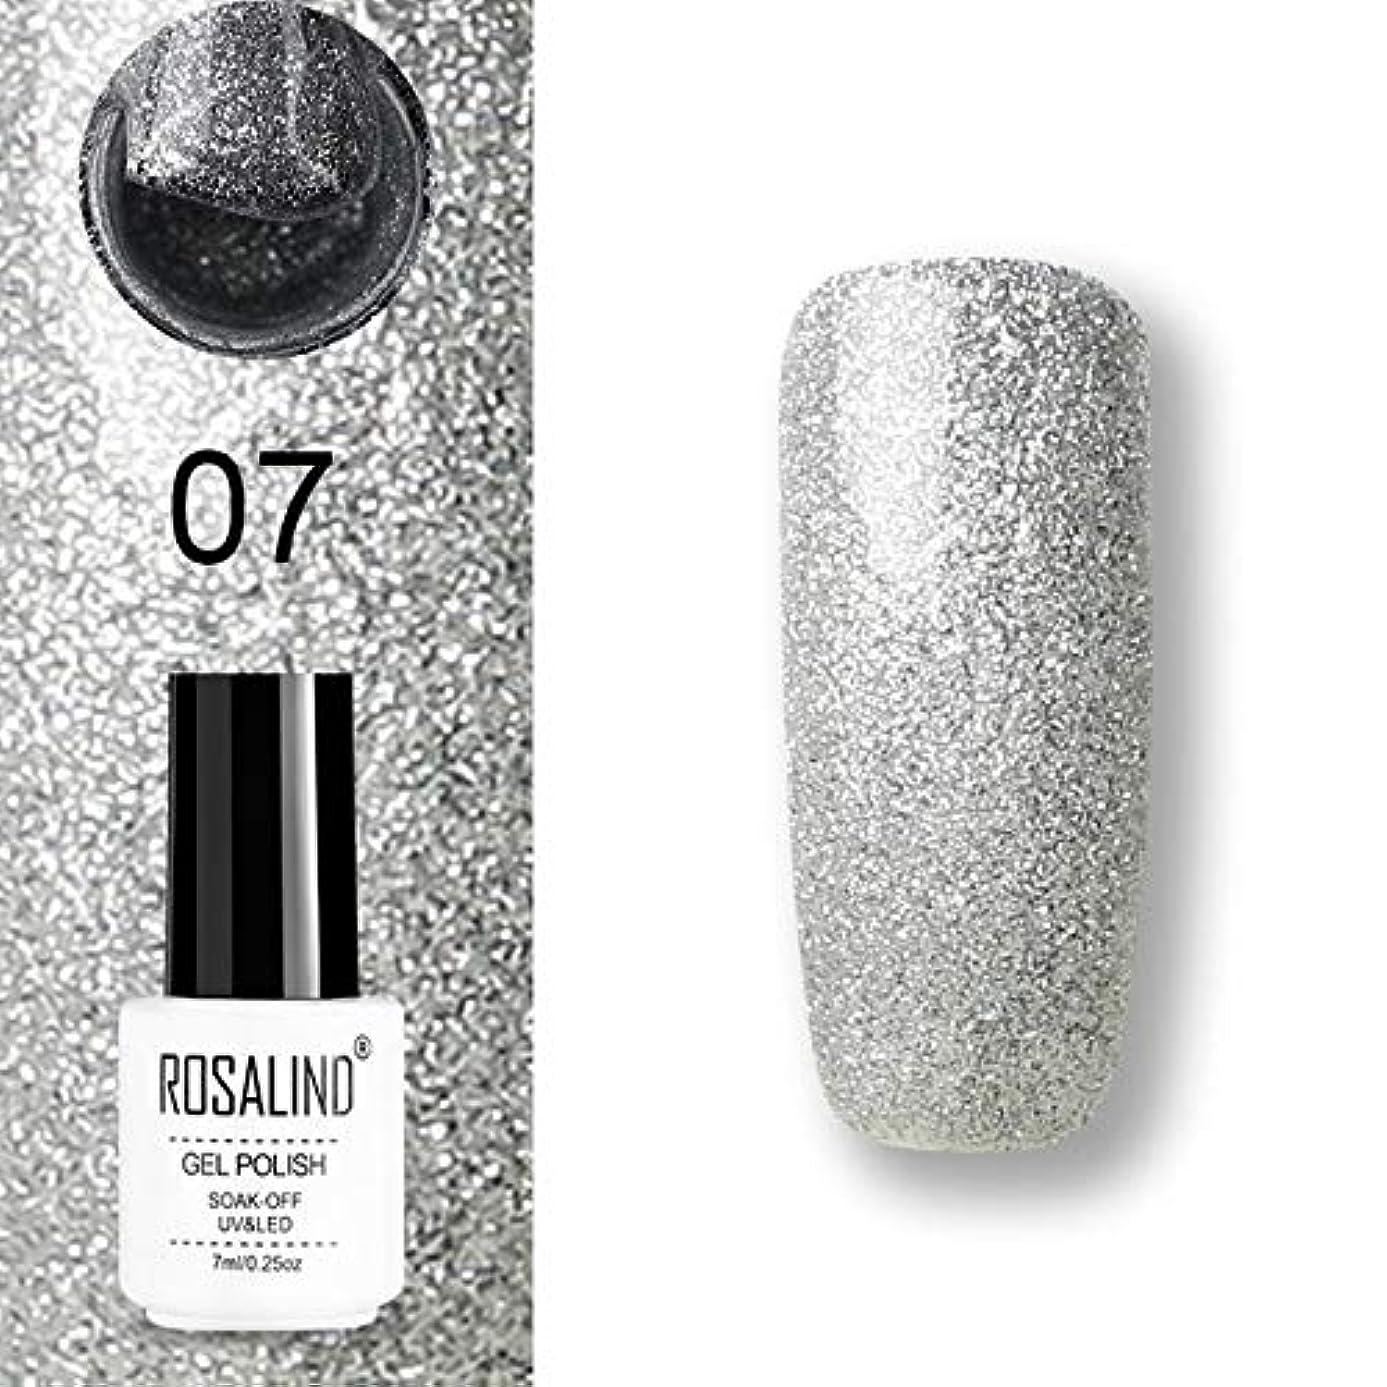 考えた断線印象的ファッションアイテム ROSALINDジェルポリッシュセットUV半永久プライマートップコートポリジェルニスネイルアートマニキュアジェル、容量:7ml 07。 環境に優しいマニキュア